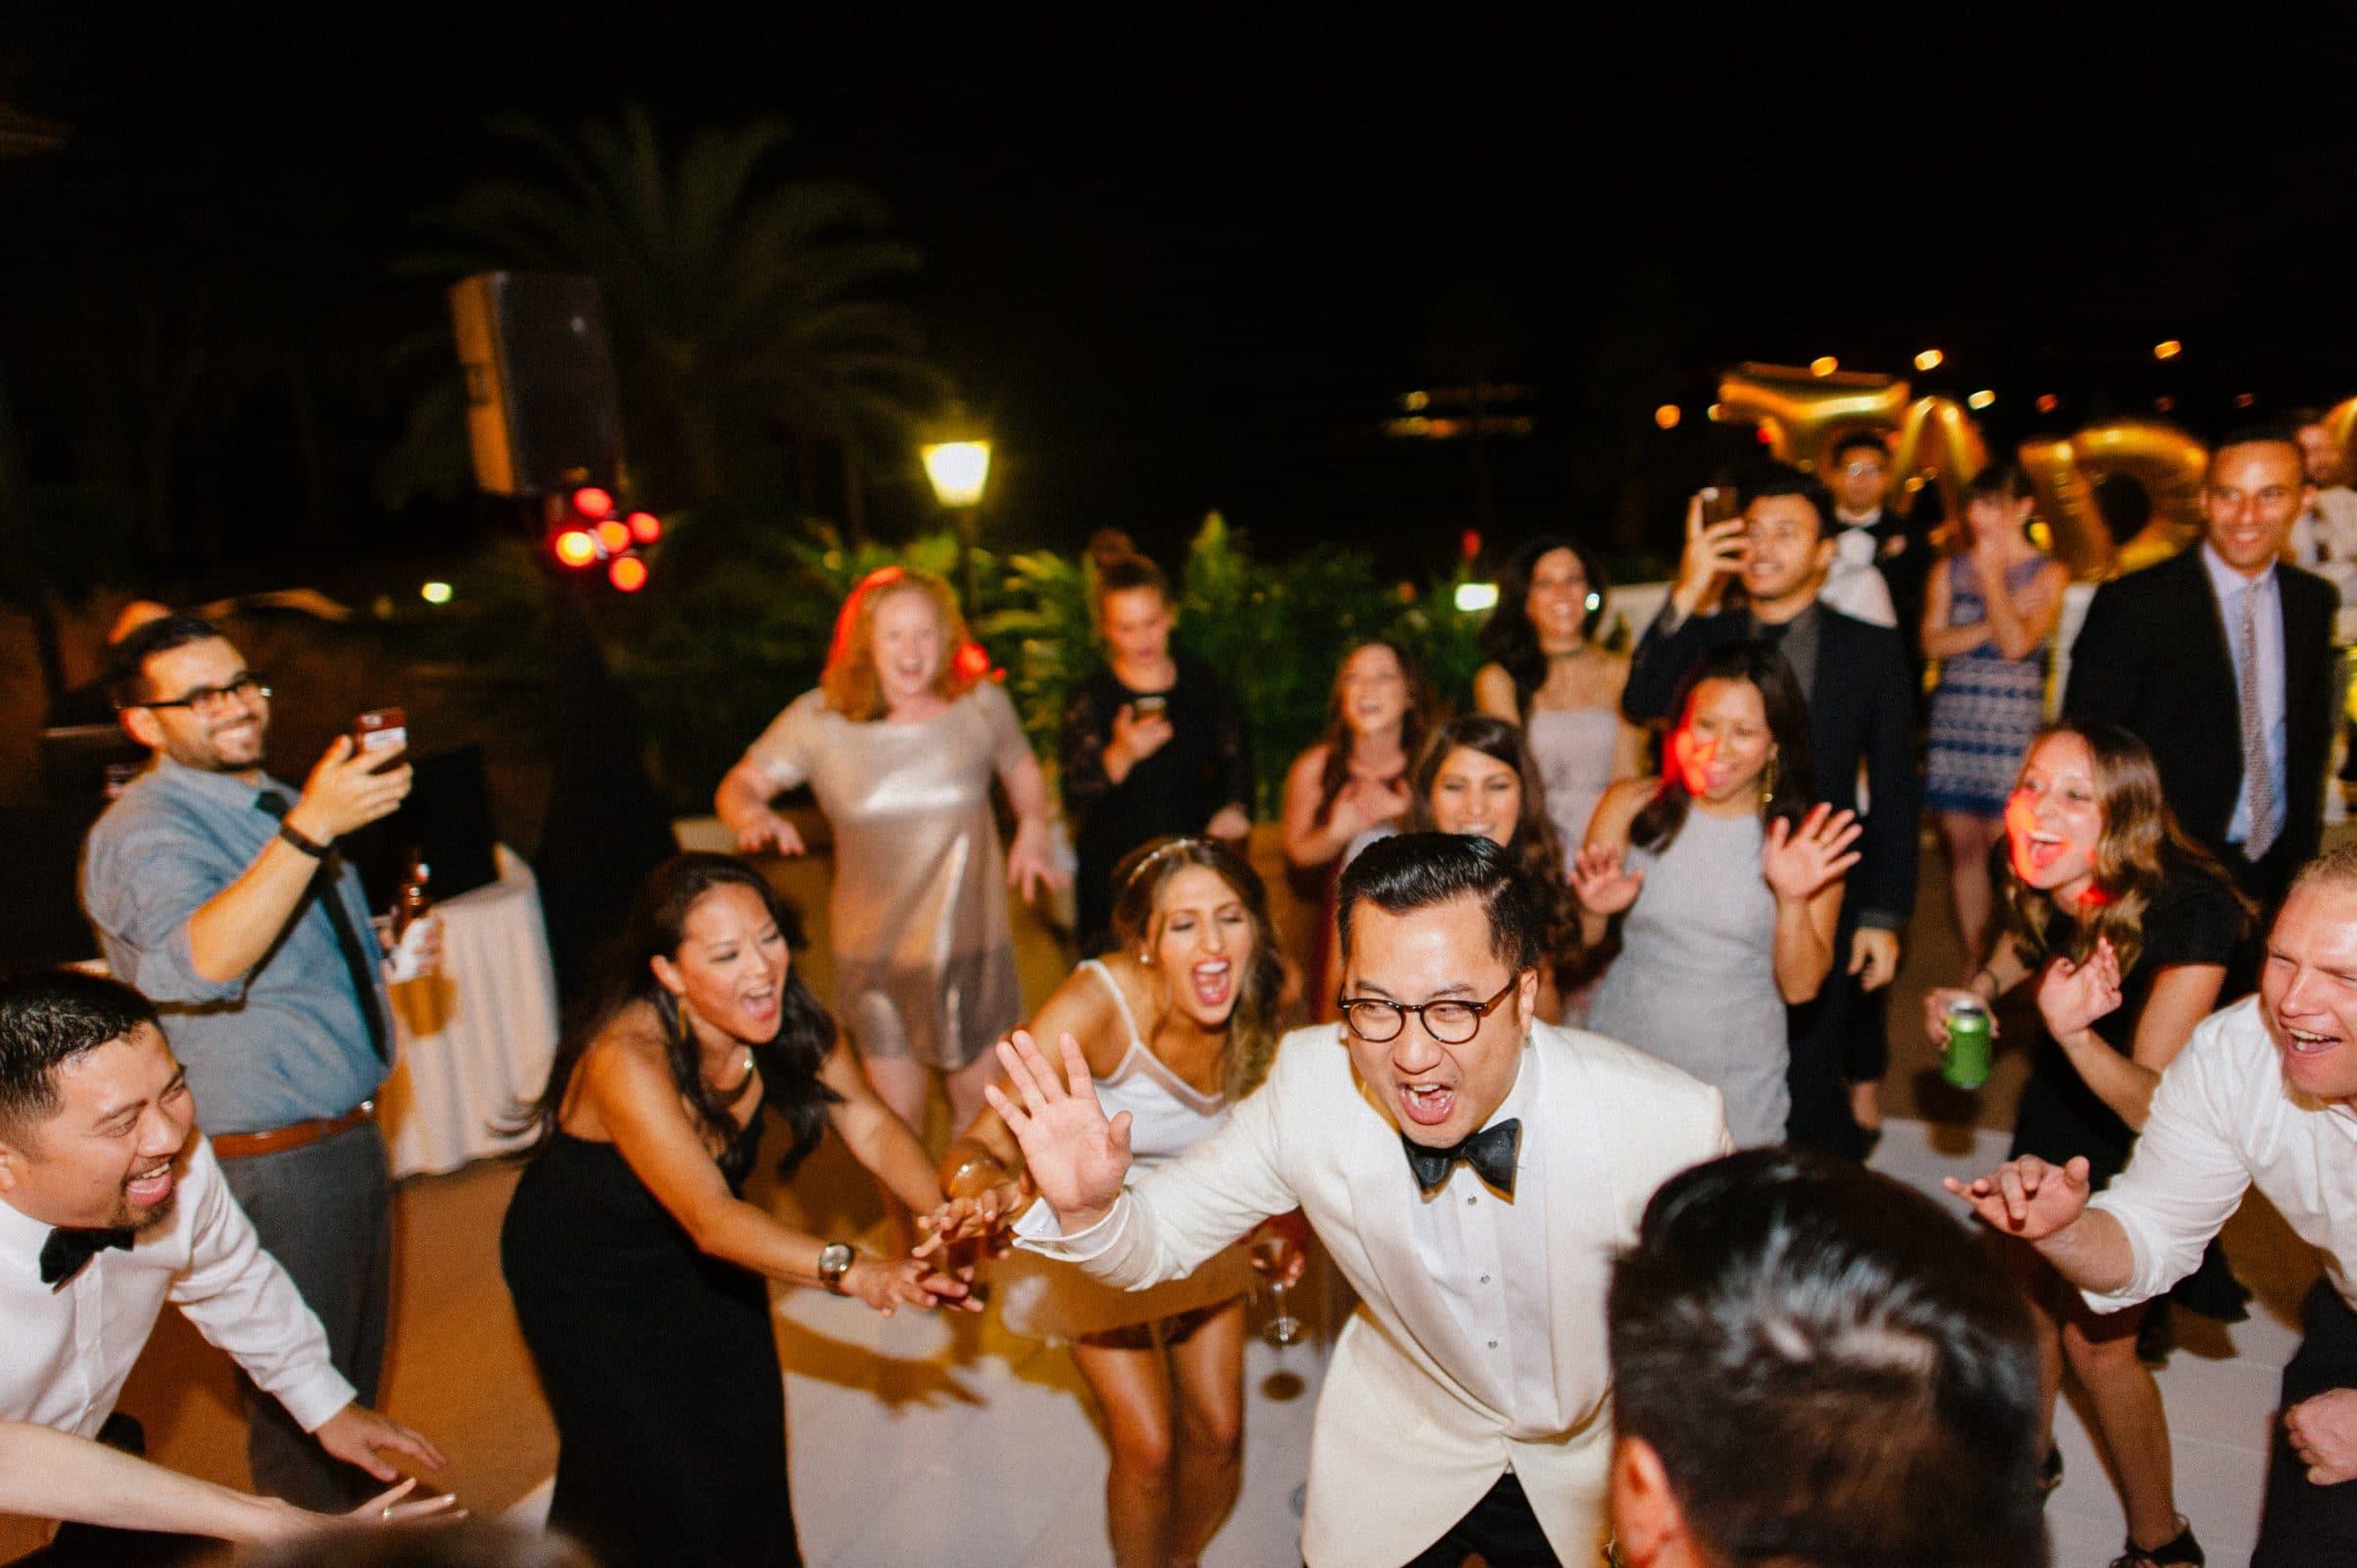 Groom partying with guests on outdoor dance floor